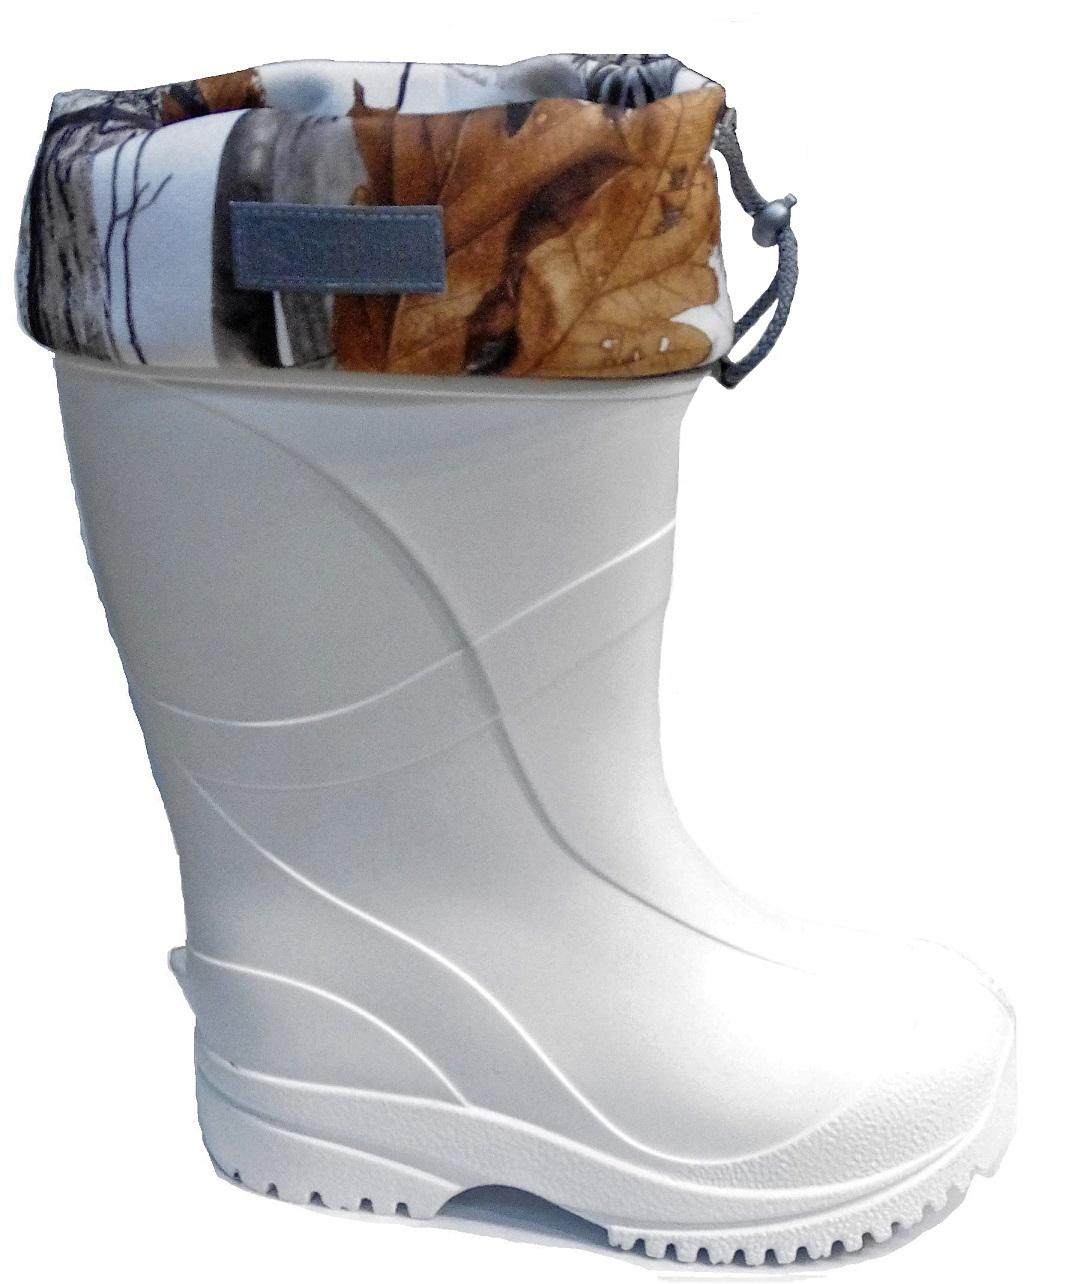 Сапоги зимние мужские Дарина Иваныч, цвет: белый. Размер 44-45. УТ000026761